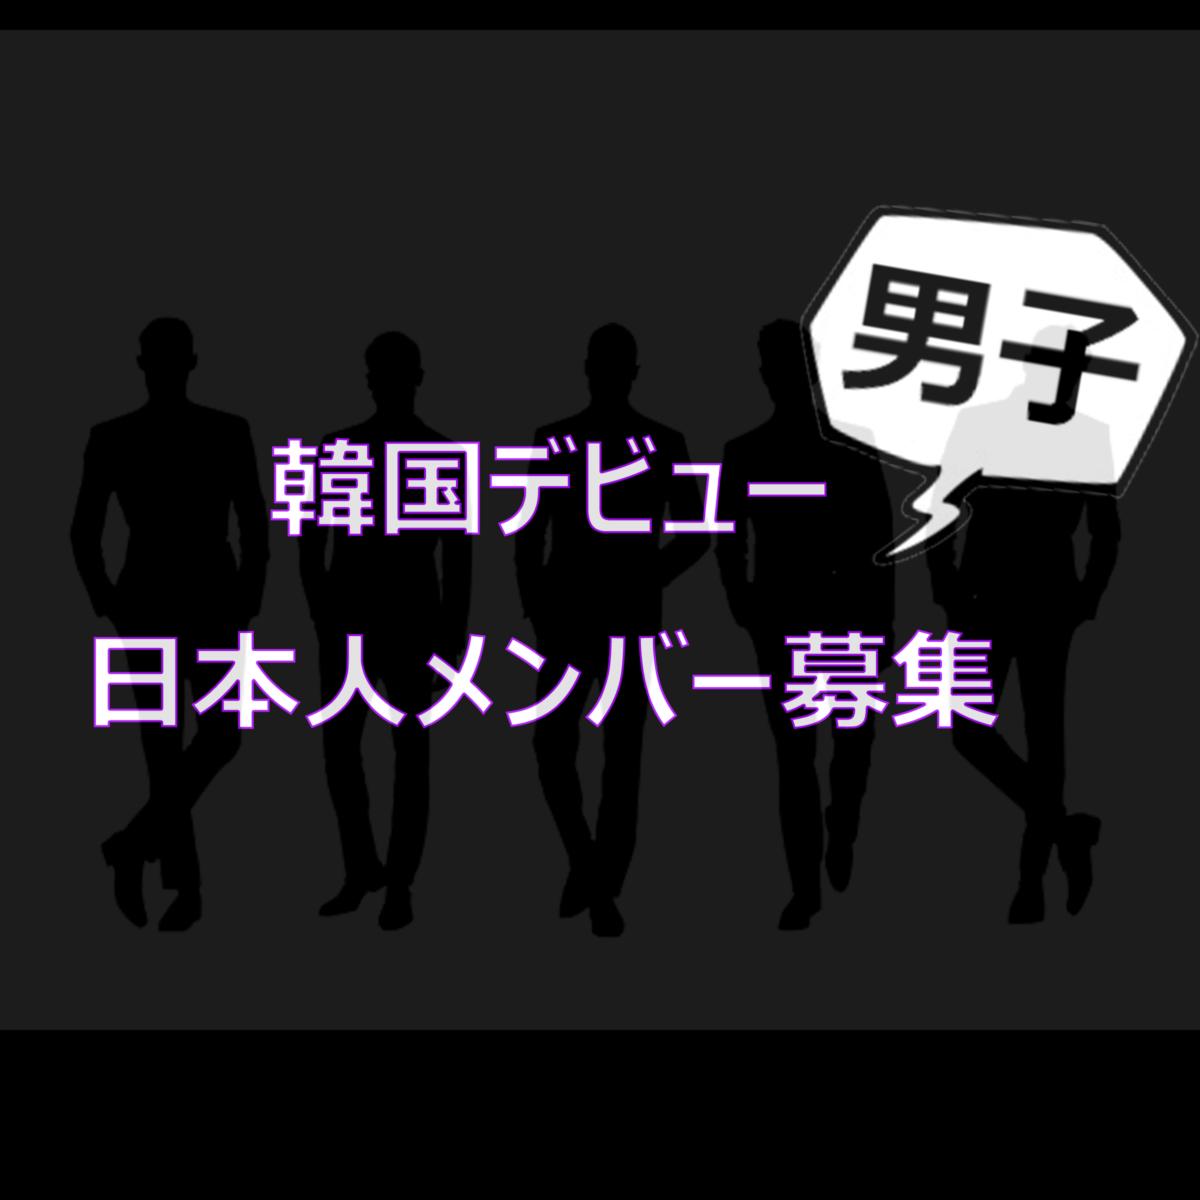 【オーディション】MIDAS Entertainmentの新しい アイドルユニット デビューに向けて 男子日本人メンバー募集!